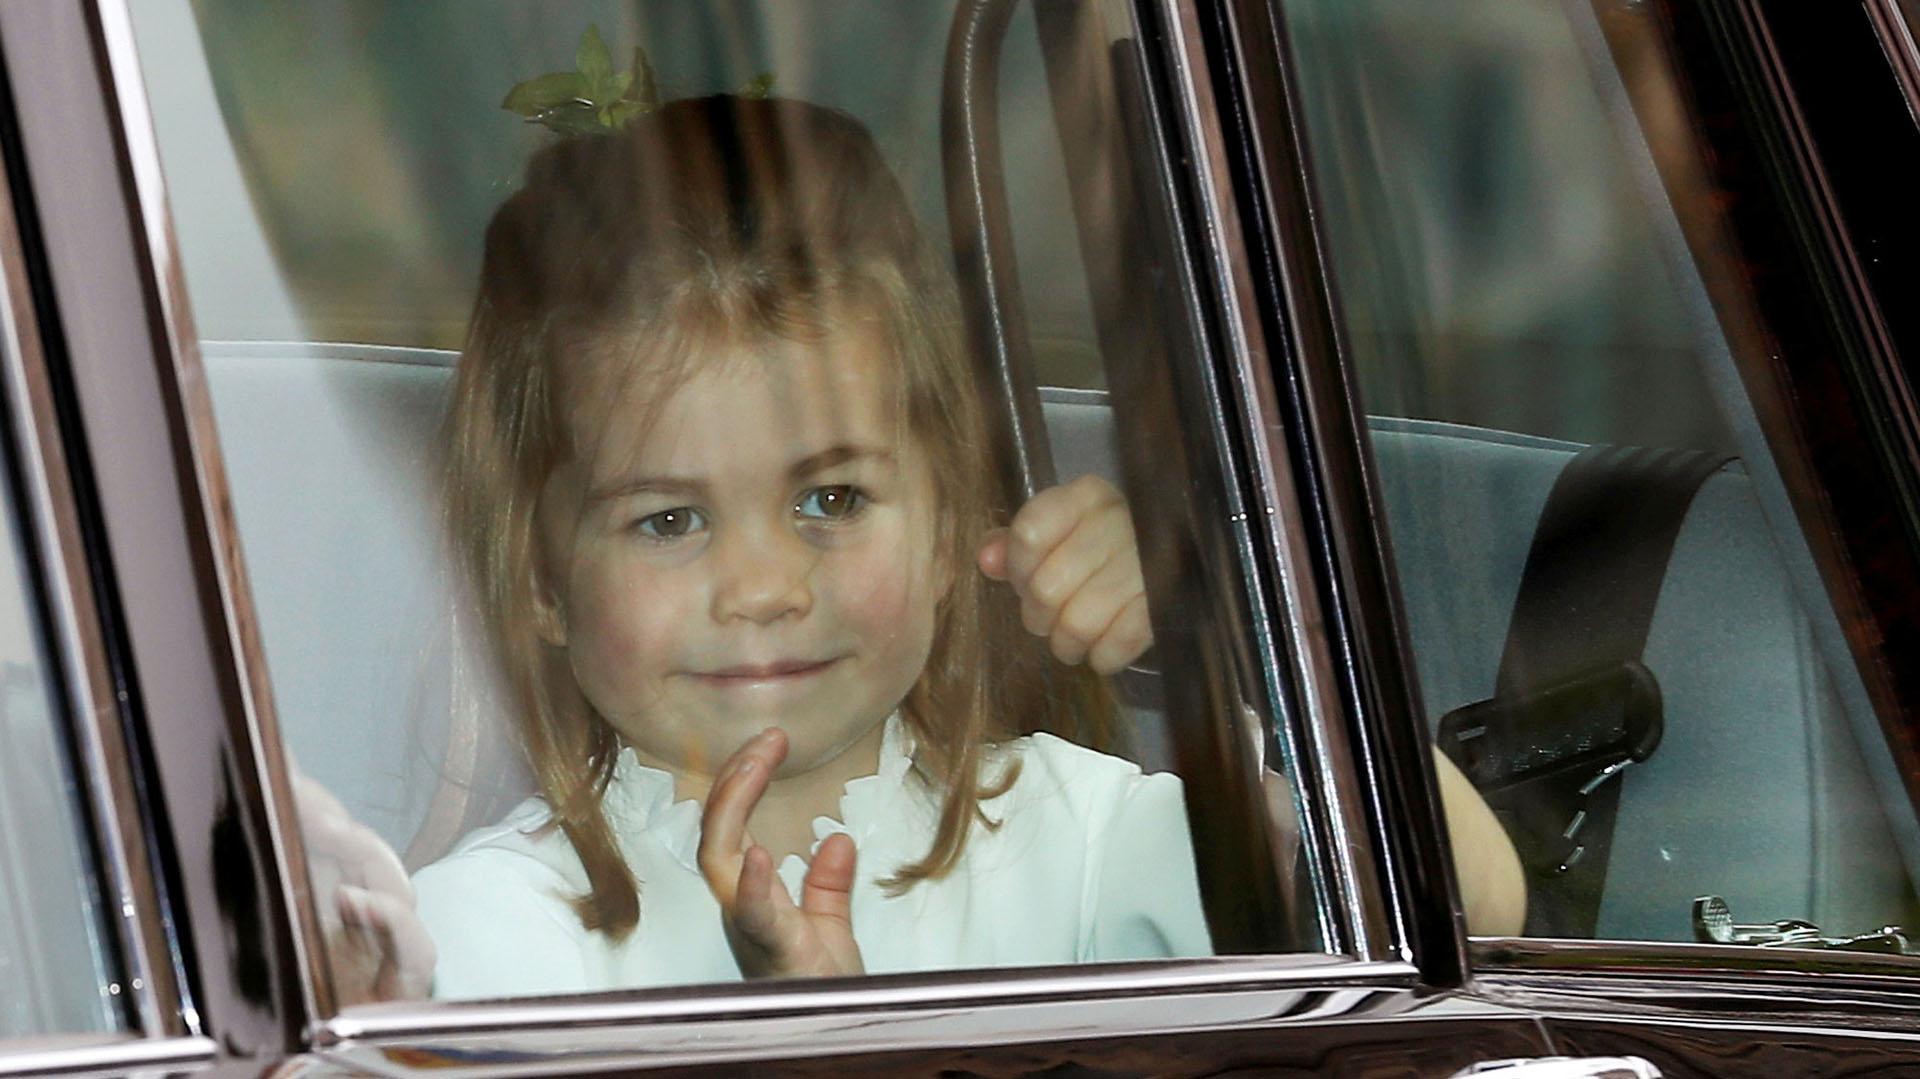 La princesa Charlotte saludando antes de bajar